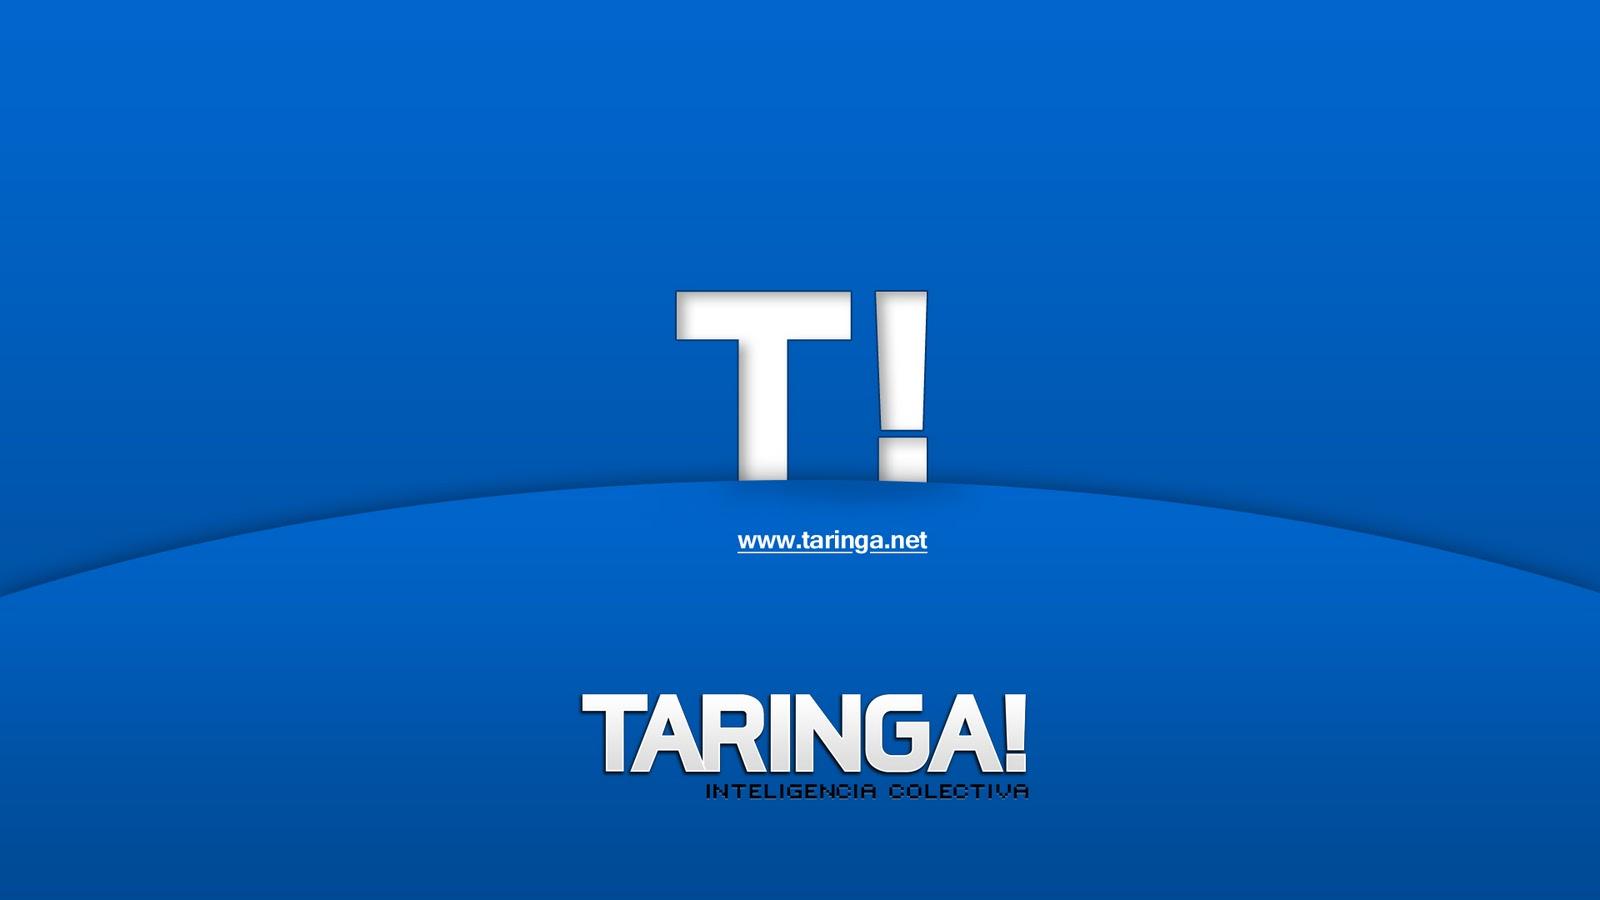 Photo of Taringa sufre un hackeo y 28 millones de cuentas han sido afectadas